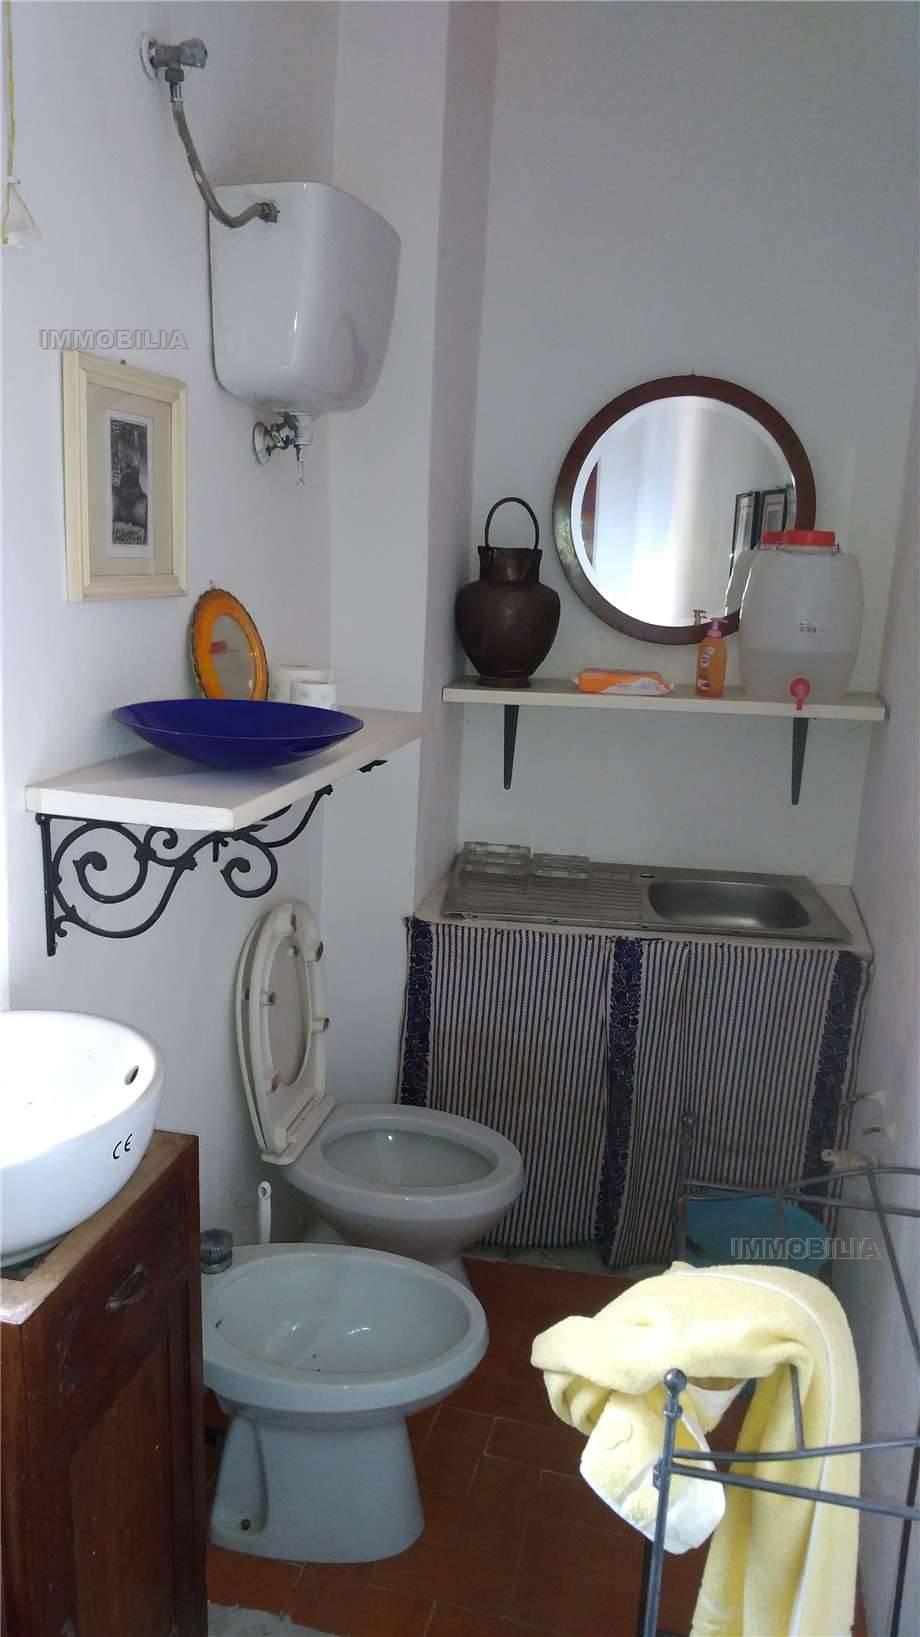 For sale Semi-detached house Sansepolcro  #459 n.8